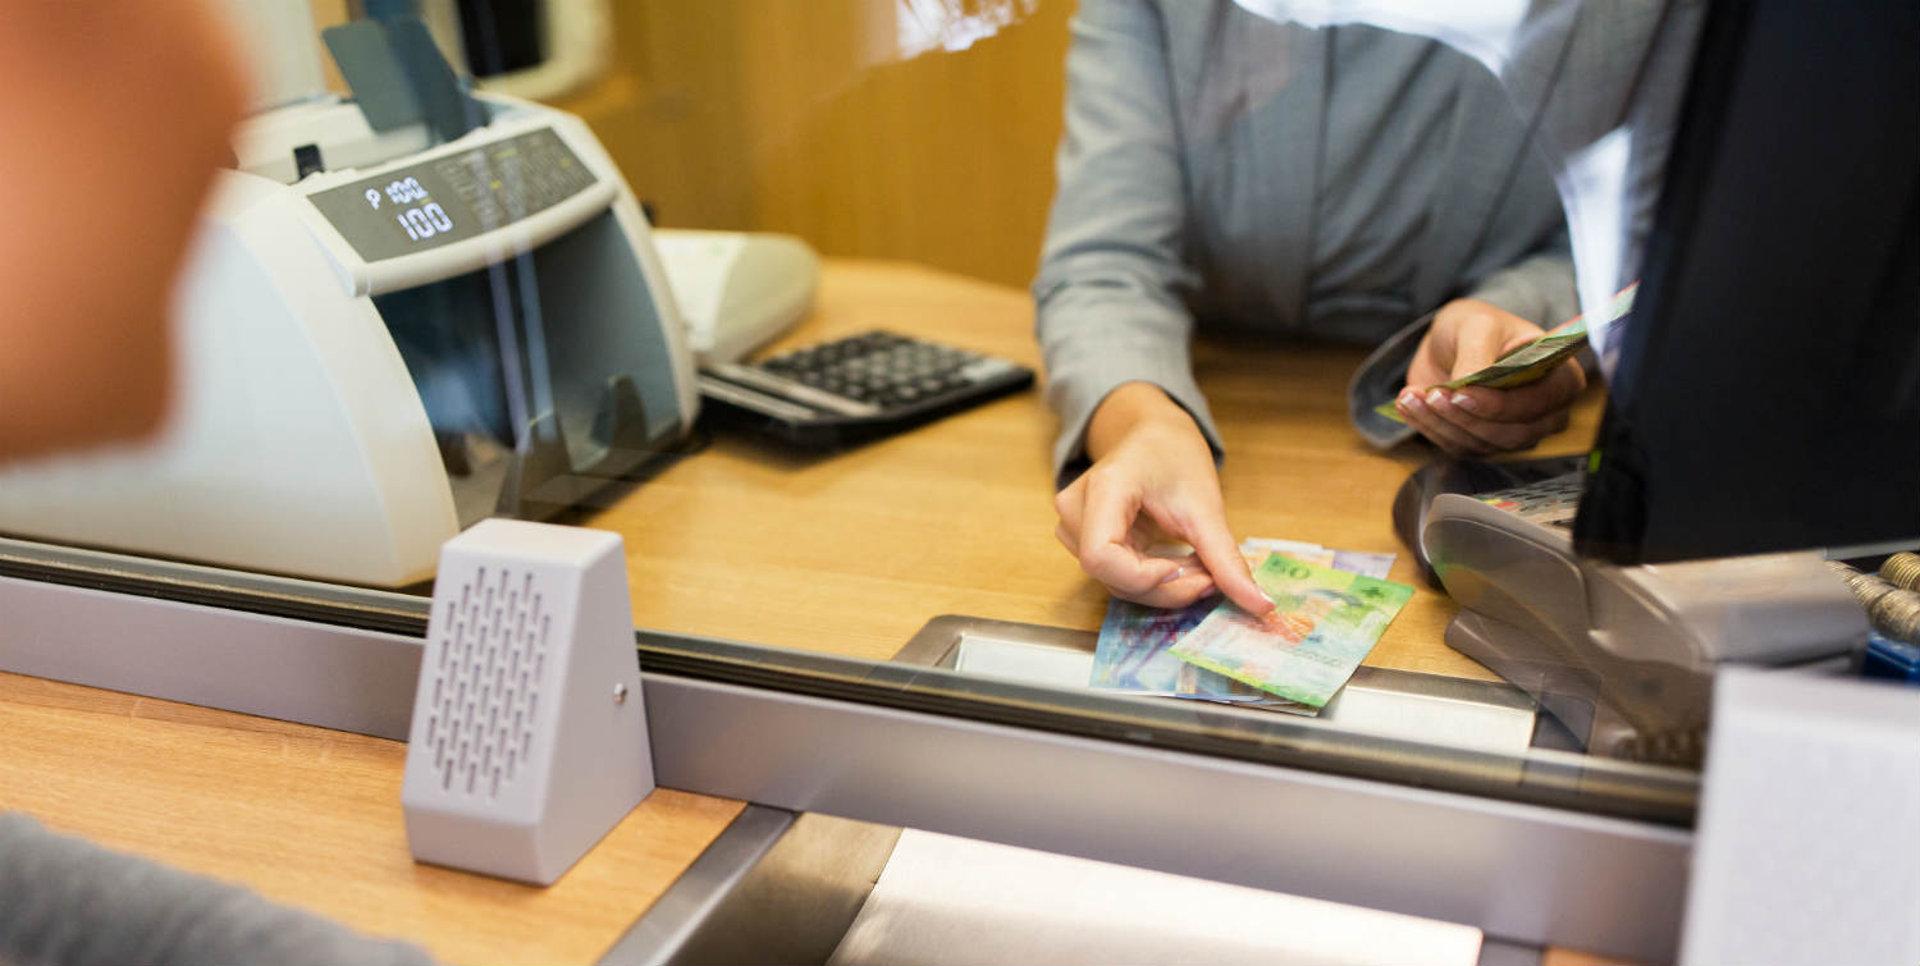 Lavoratori Banche - Aggiornamento - 6 ore